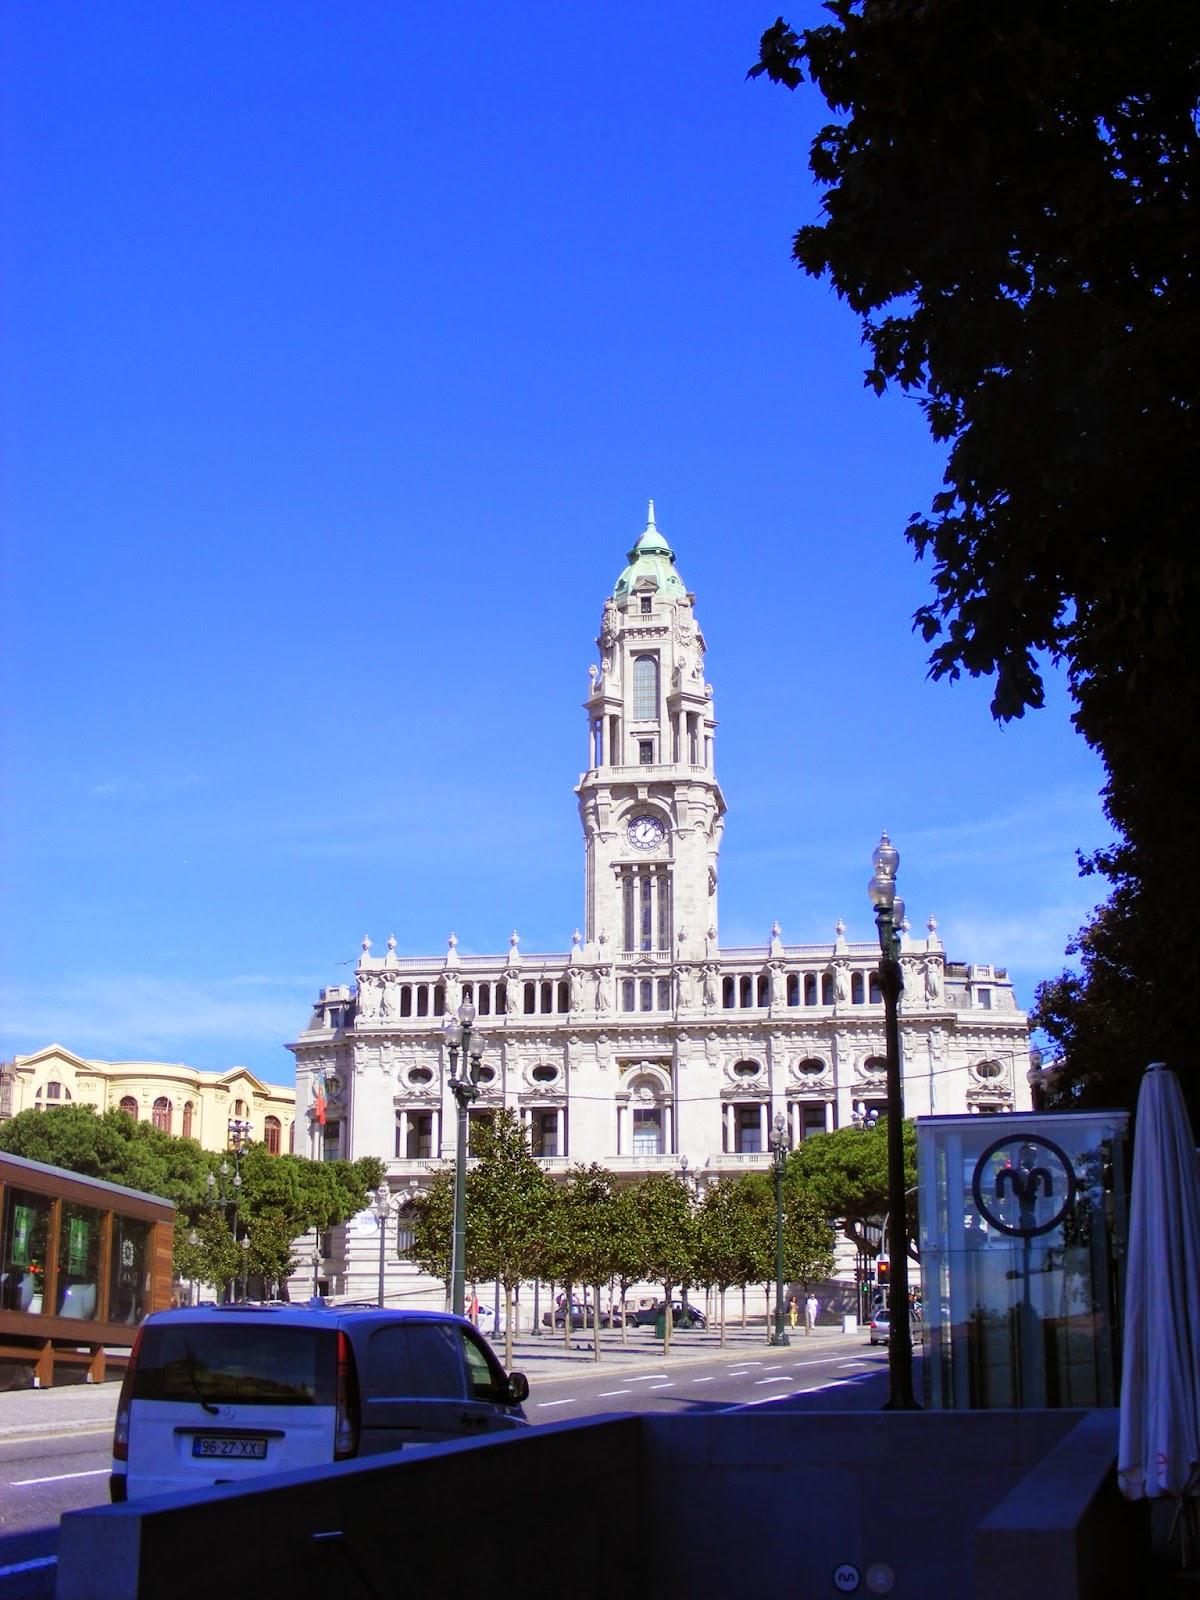 City Hall in Porto